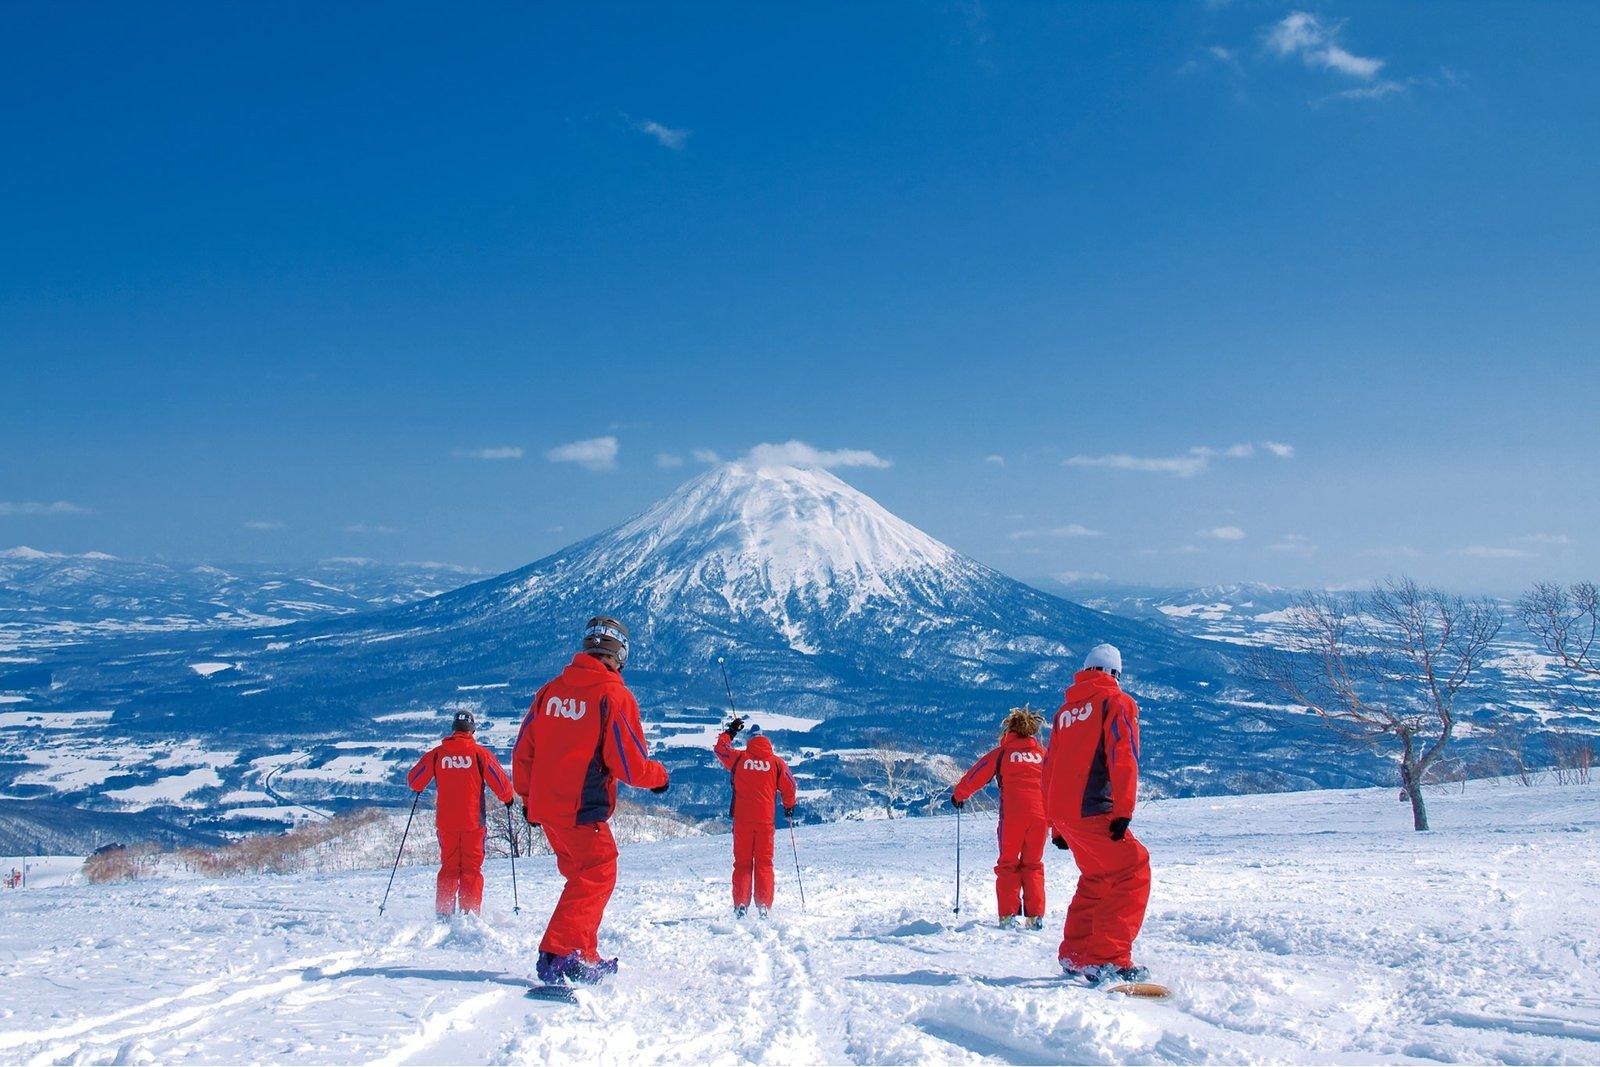 NISS滑雪學校老師一起在花園度假村滑雪